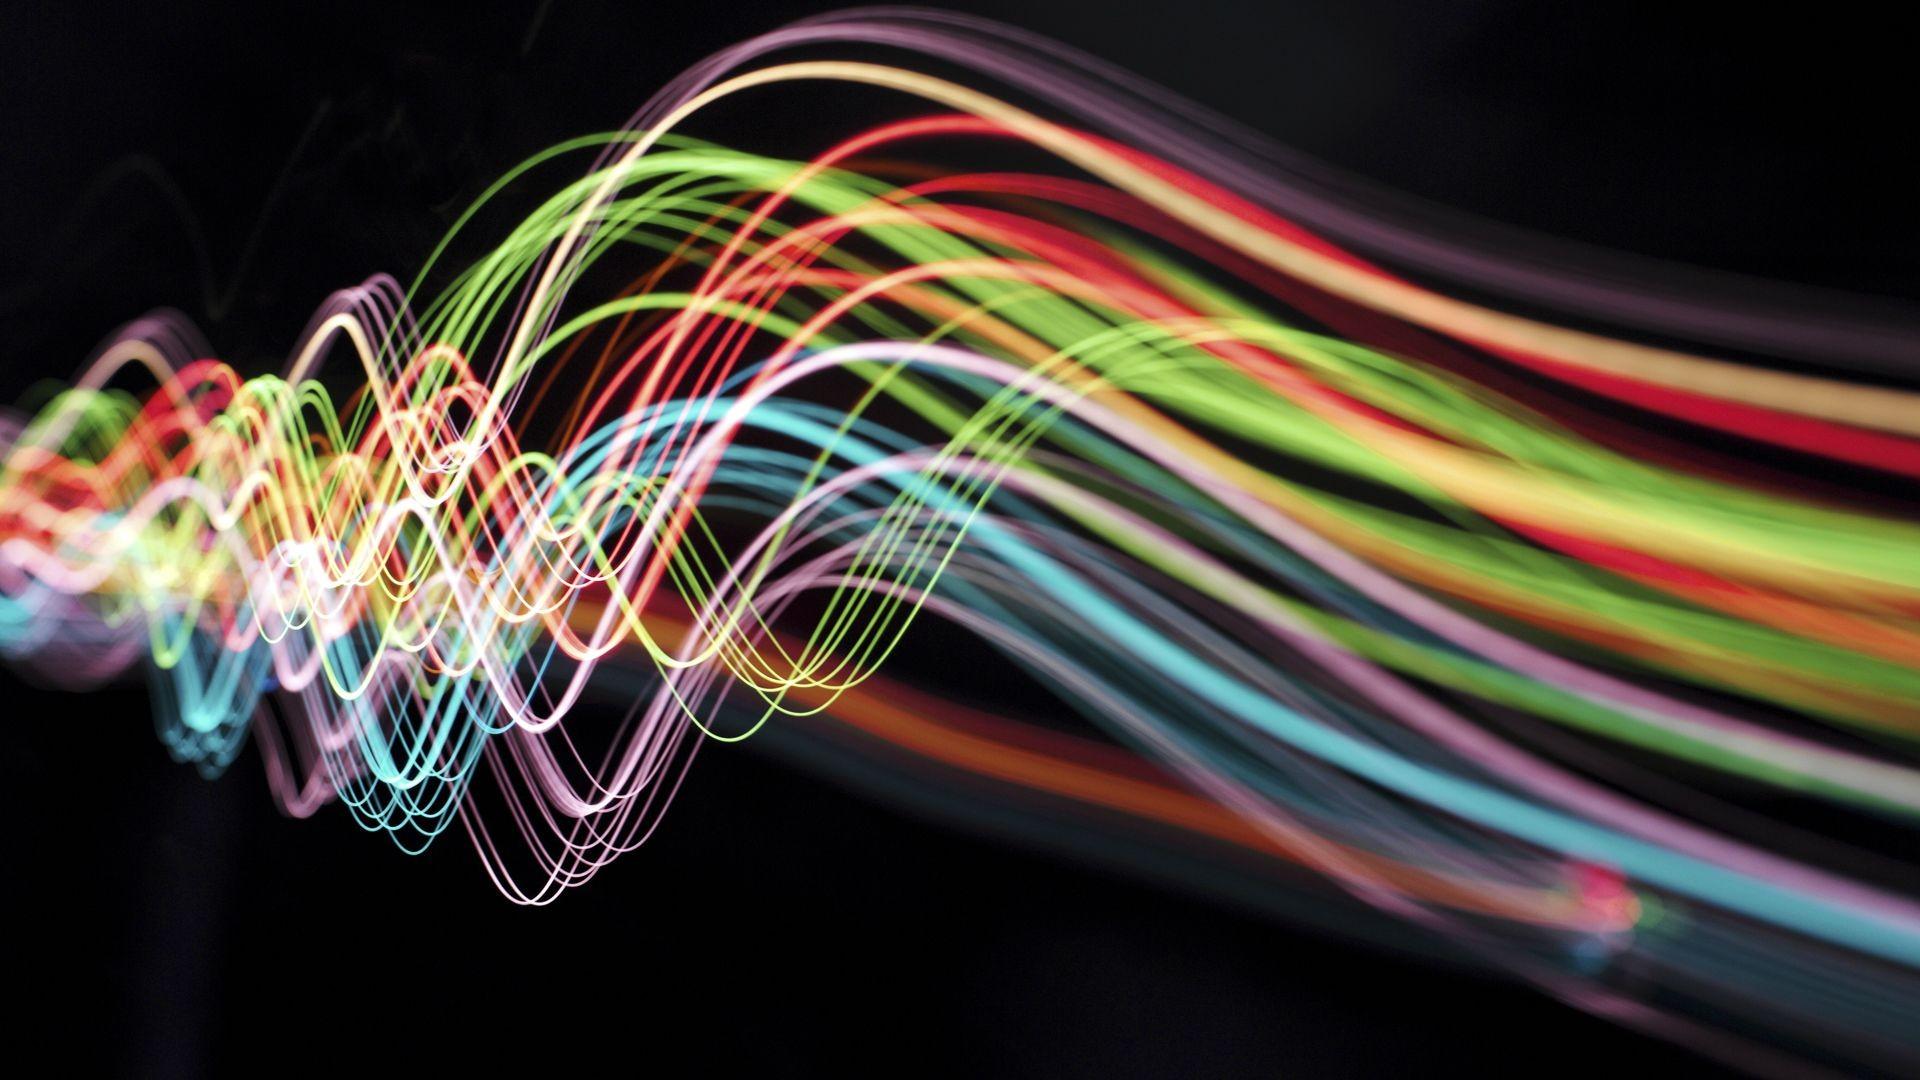 Hintergrundbilder : Neon-, abstrakt, rot, Grün, Regenbogen, Leichte ...